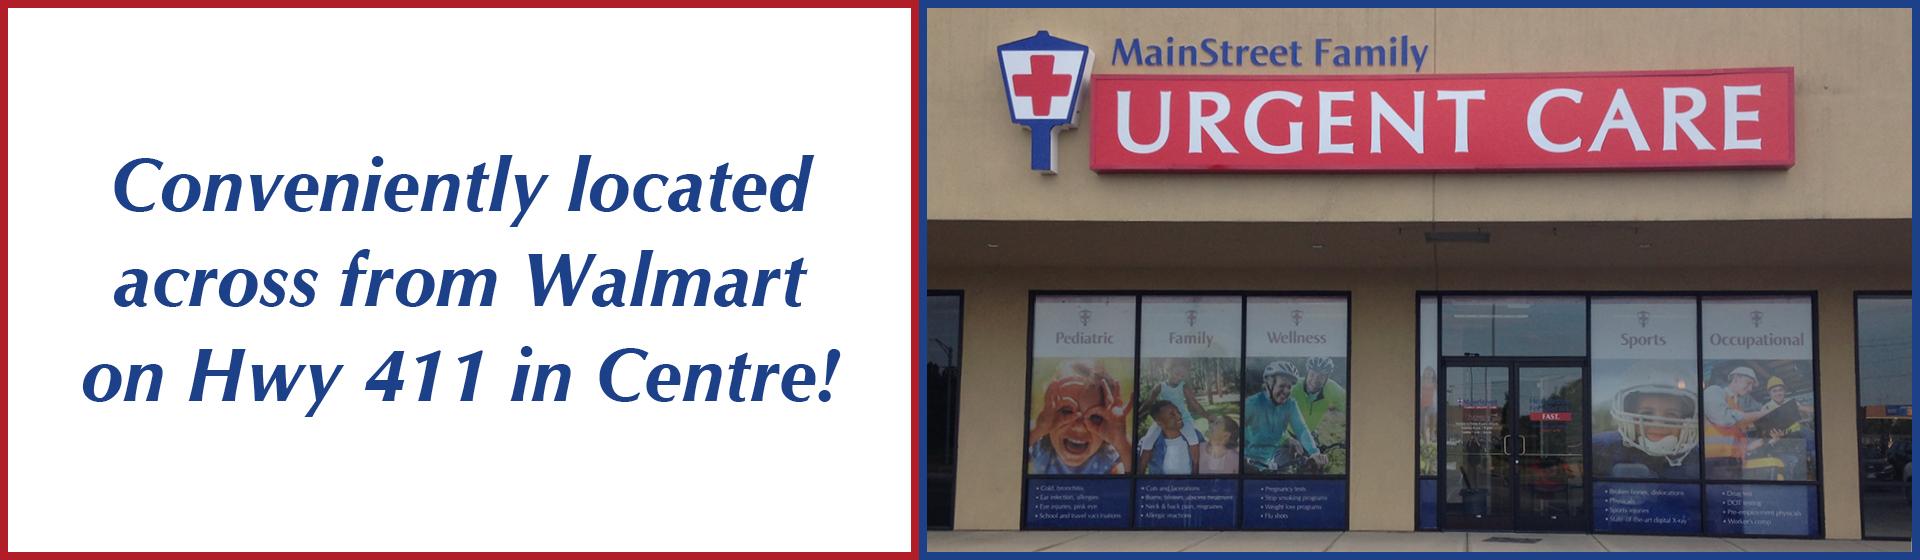 Centre Urgent Care